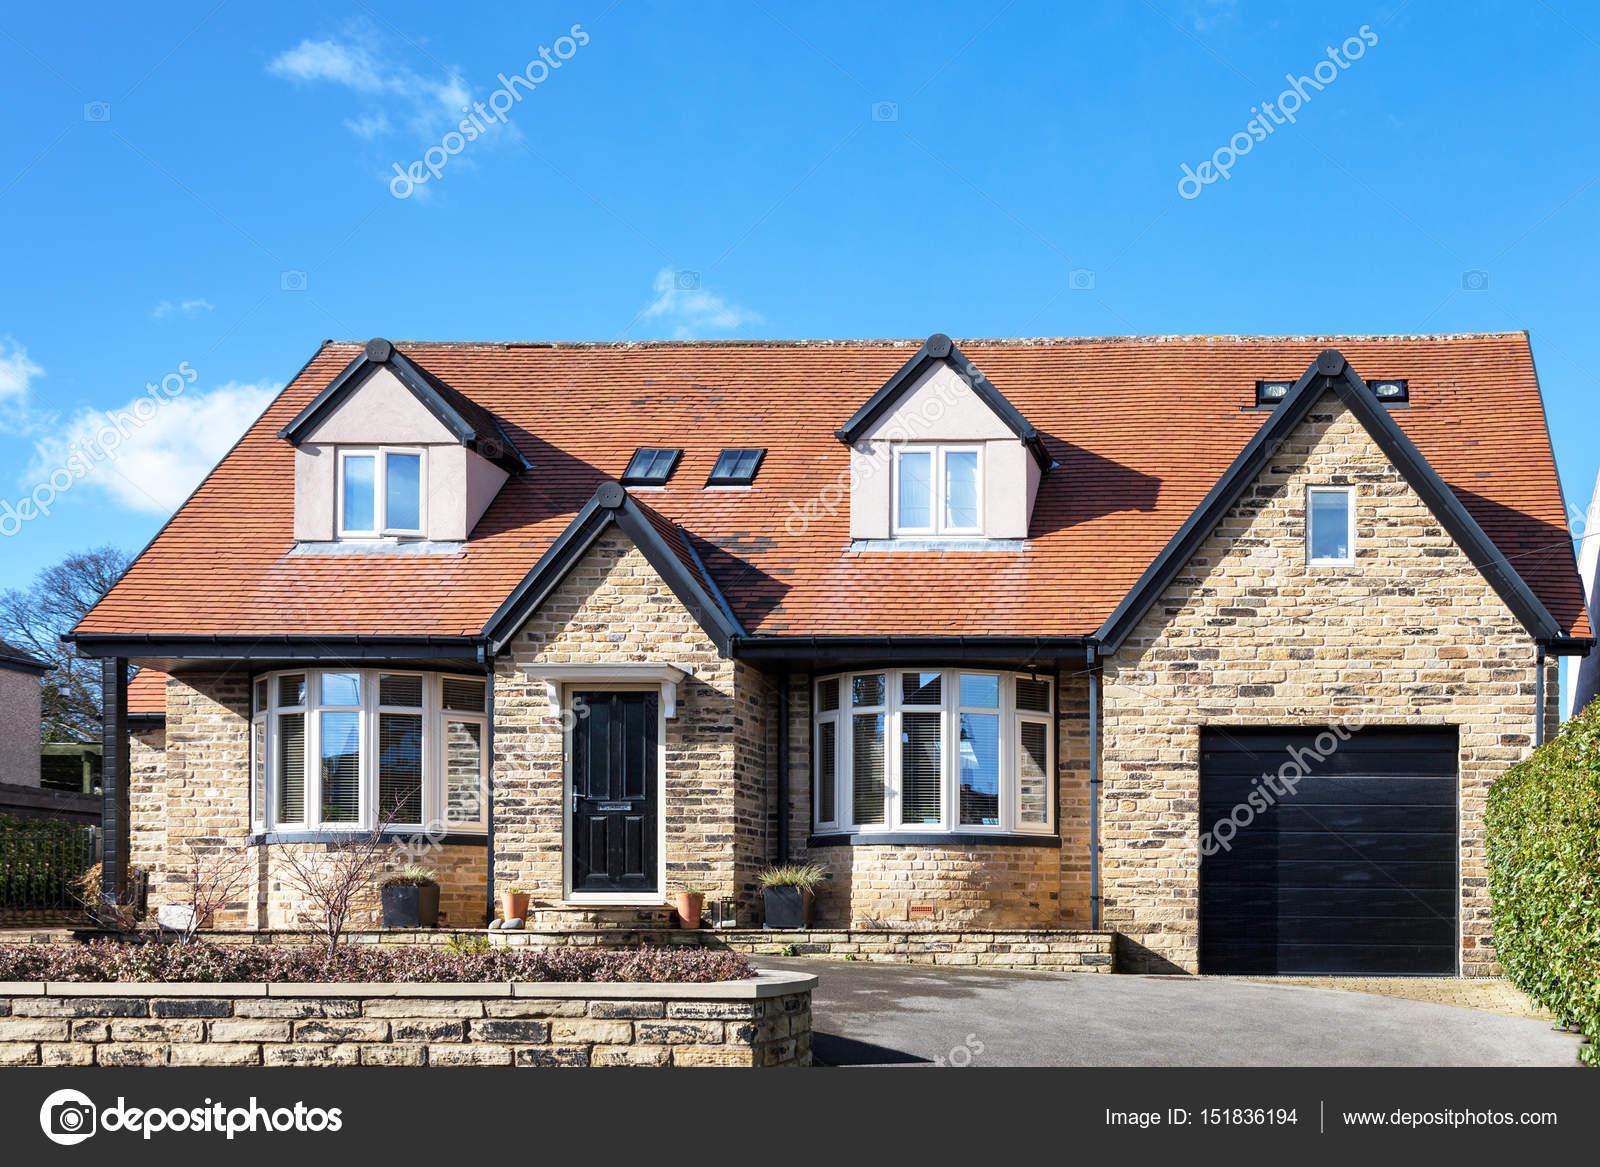 Schone Englische Bungalow Mit Rotem Dach Redaktionelles Stockfoto